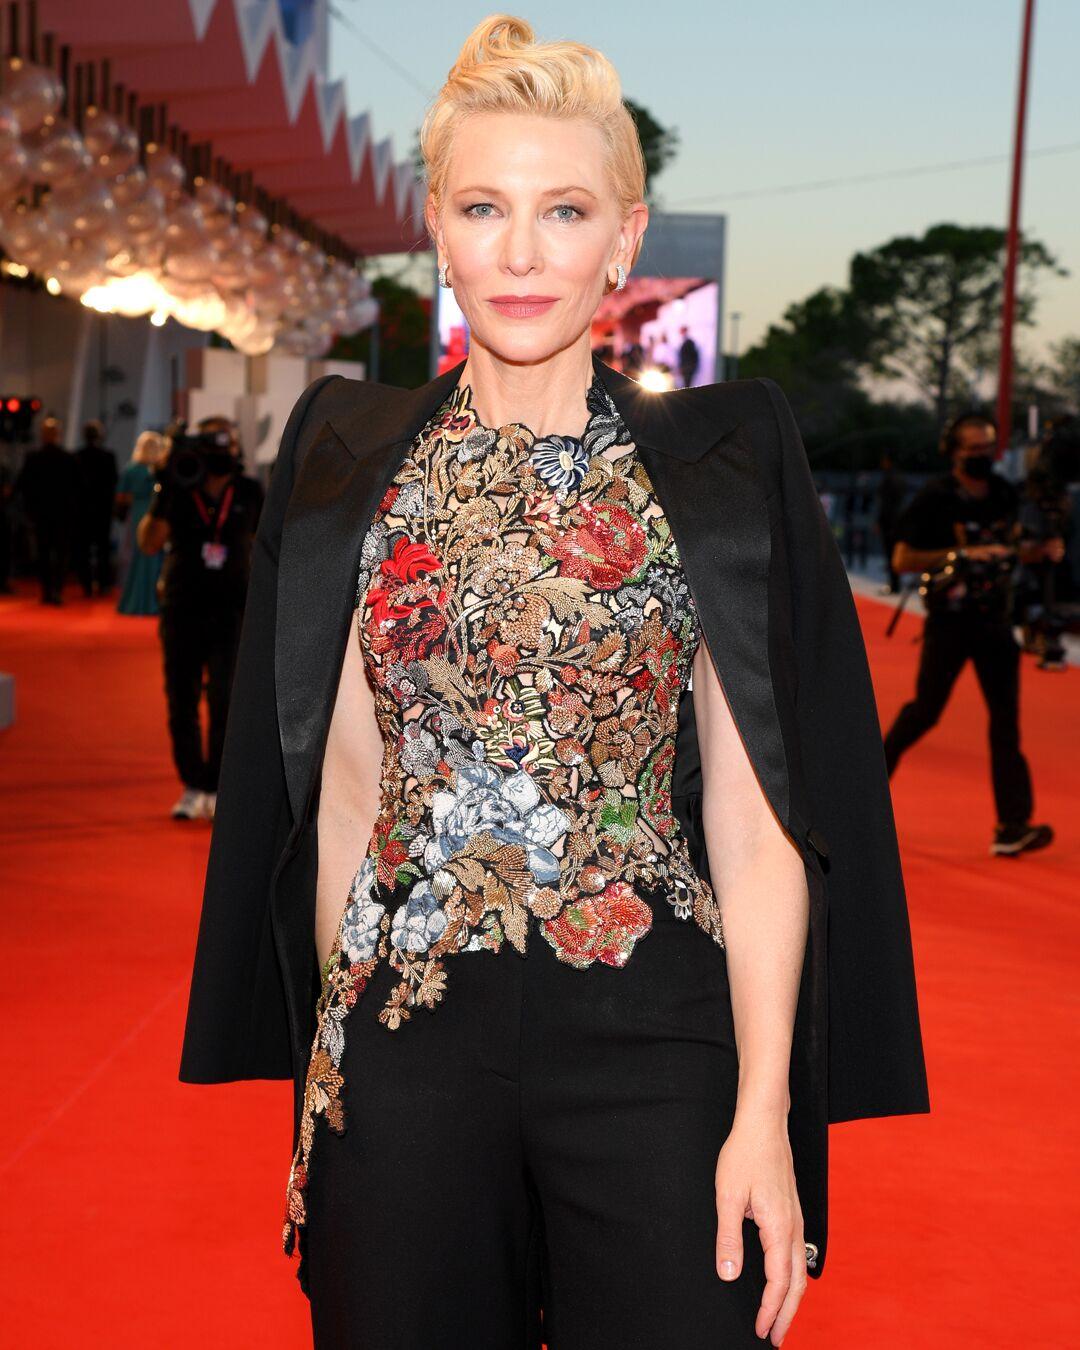 Cate Blanchett multiplie les costume-pantalon et joue entre uni et imprimé coloré